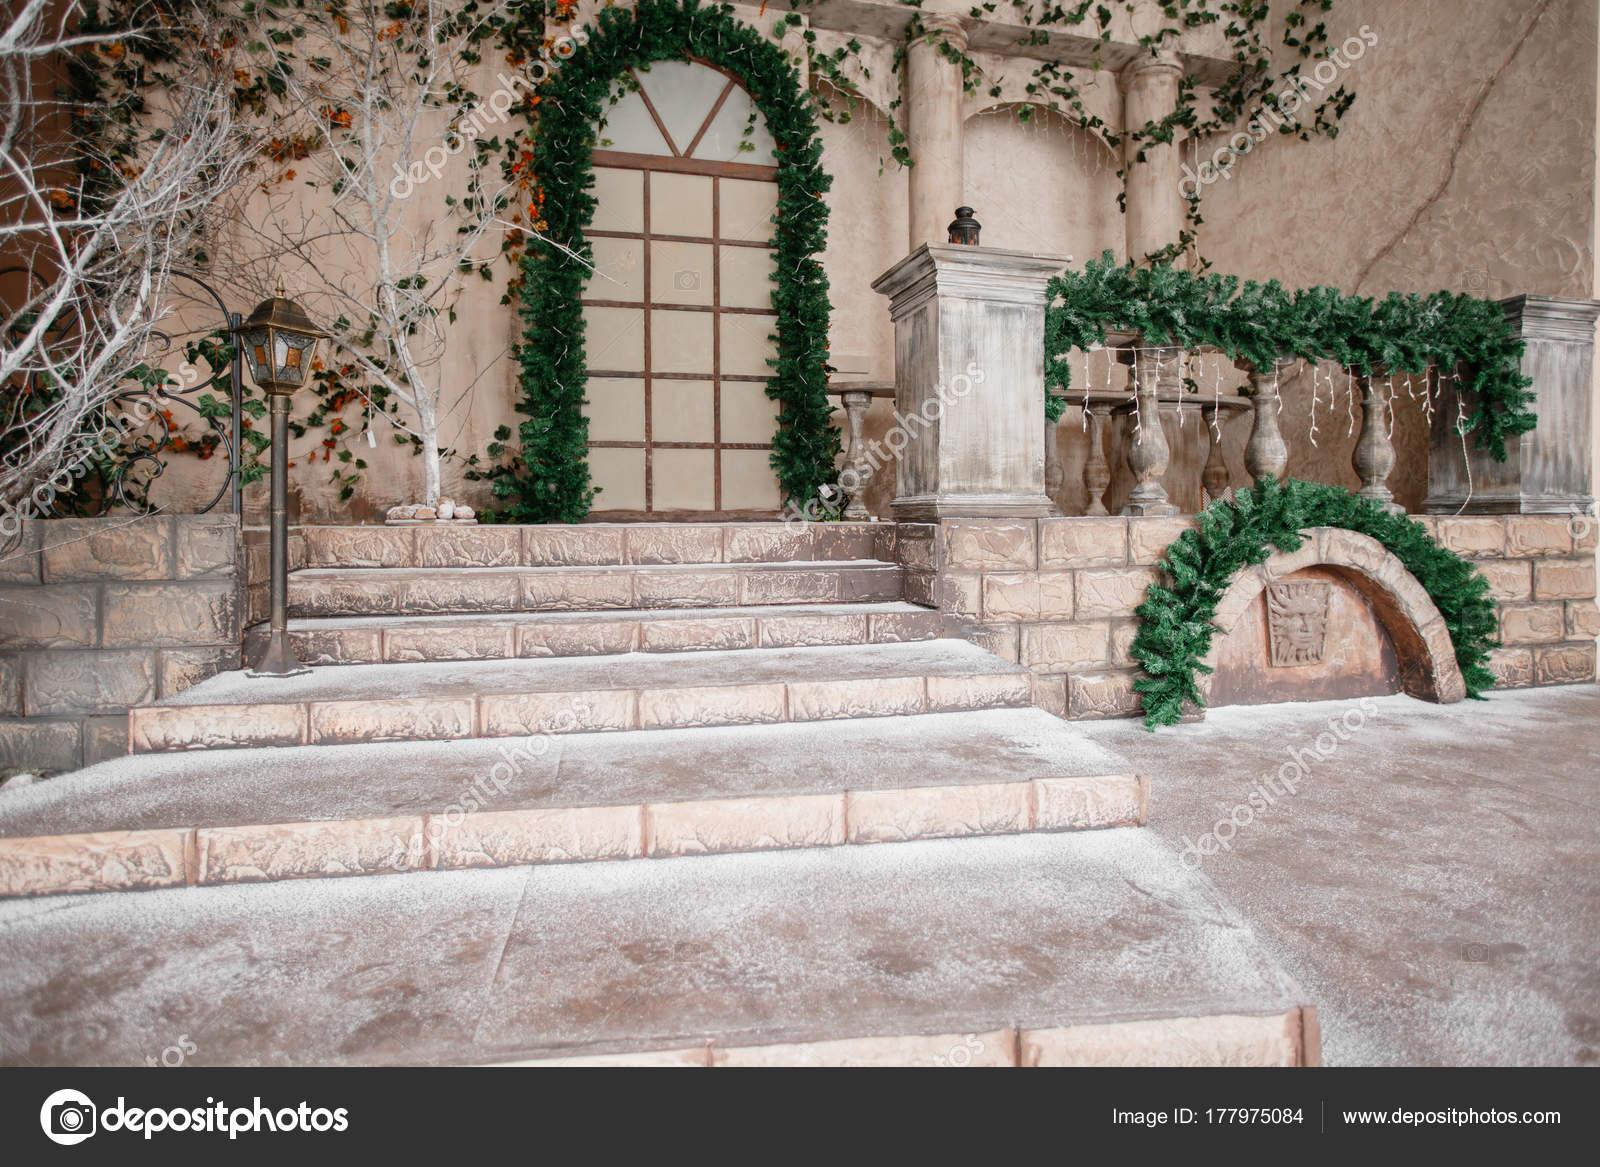 die Landschaft des Studios oder Theater. Eingang in eine alte ...